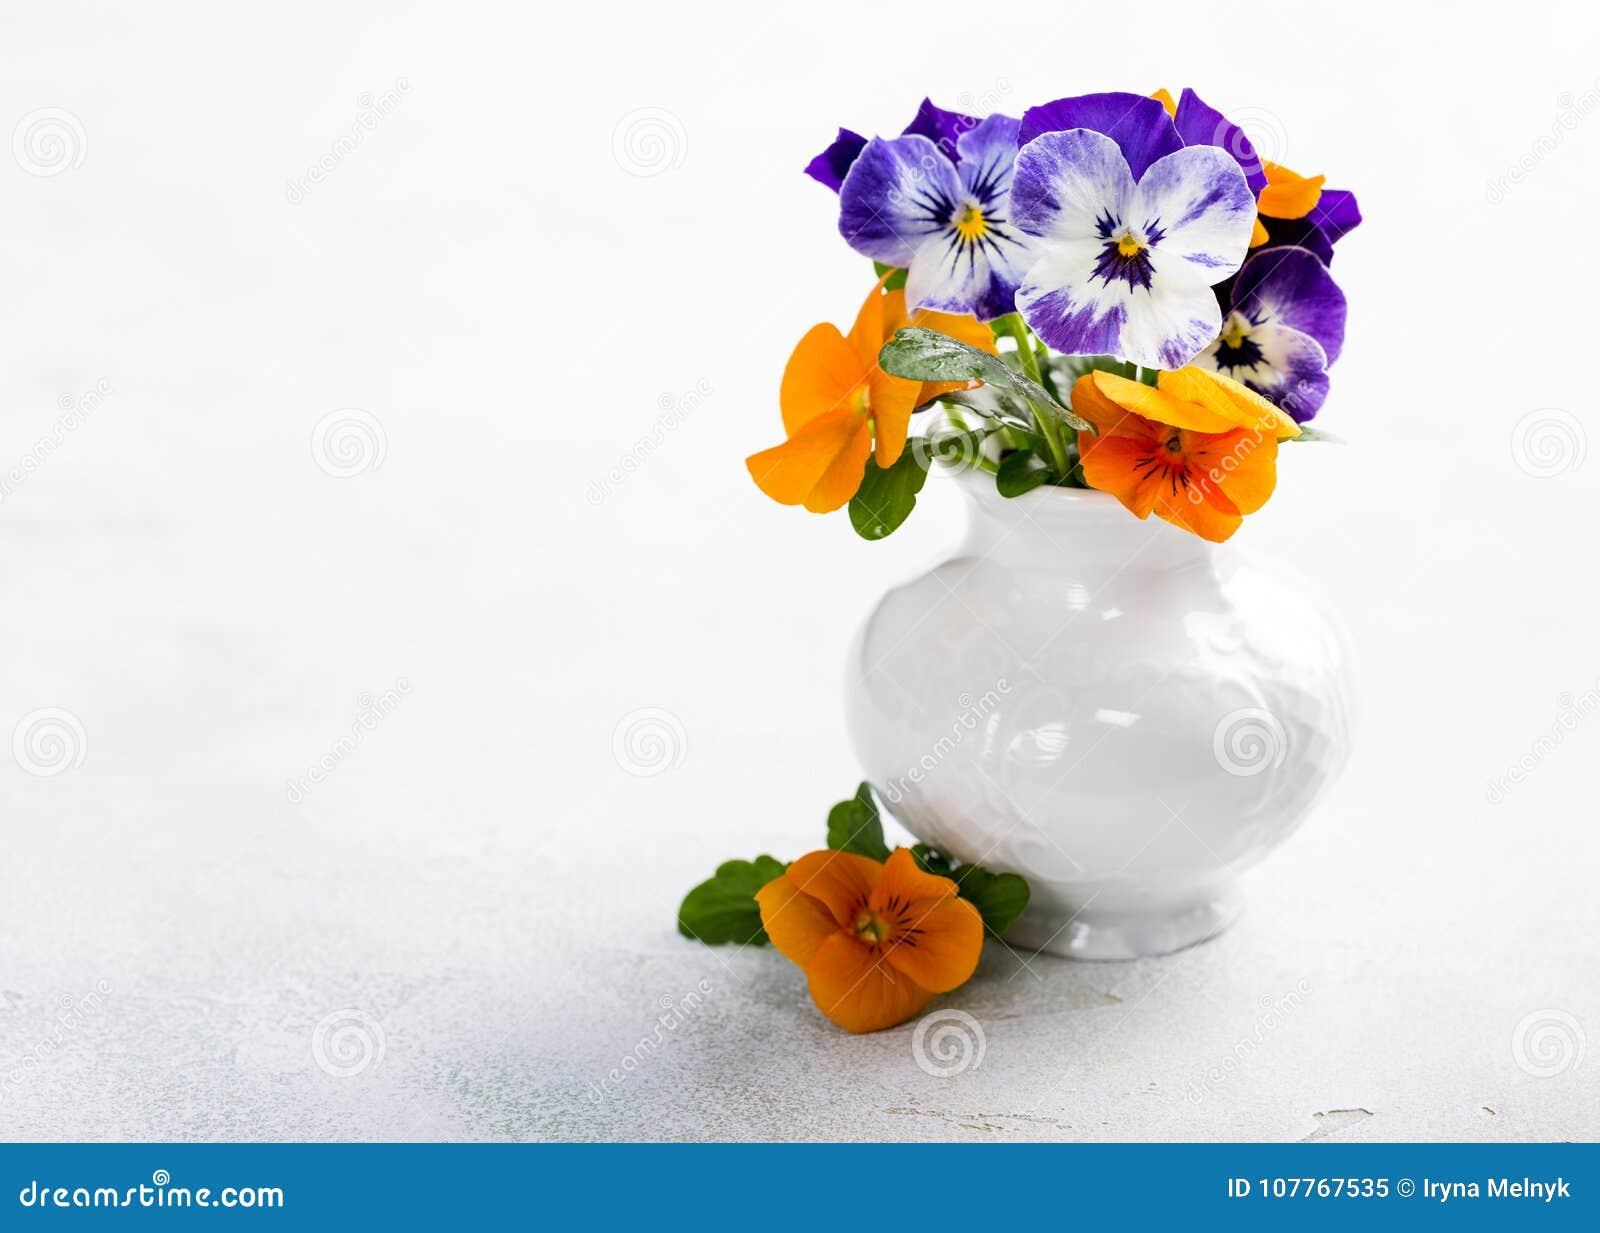 Beau Bouquet De Fleur De Pensee Image Stock Image Du Agencement